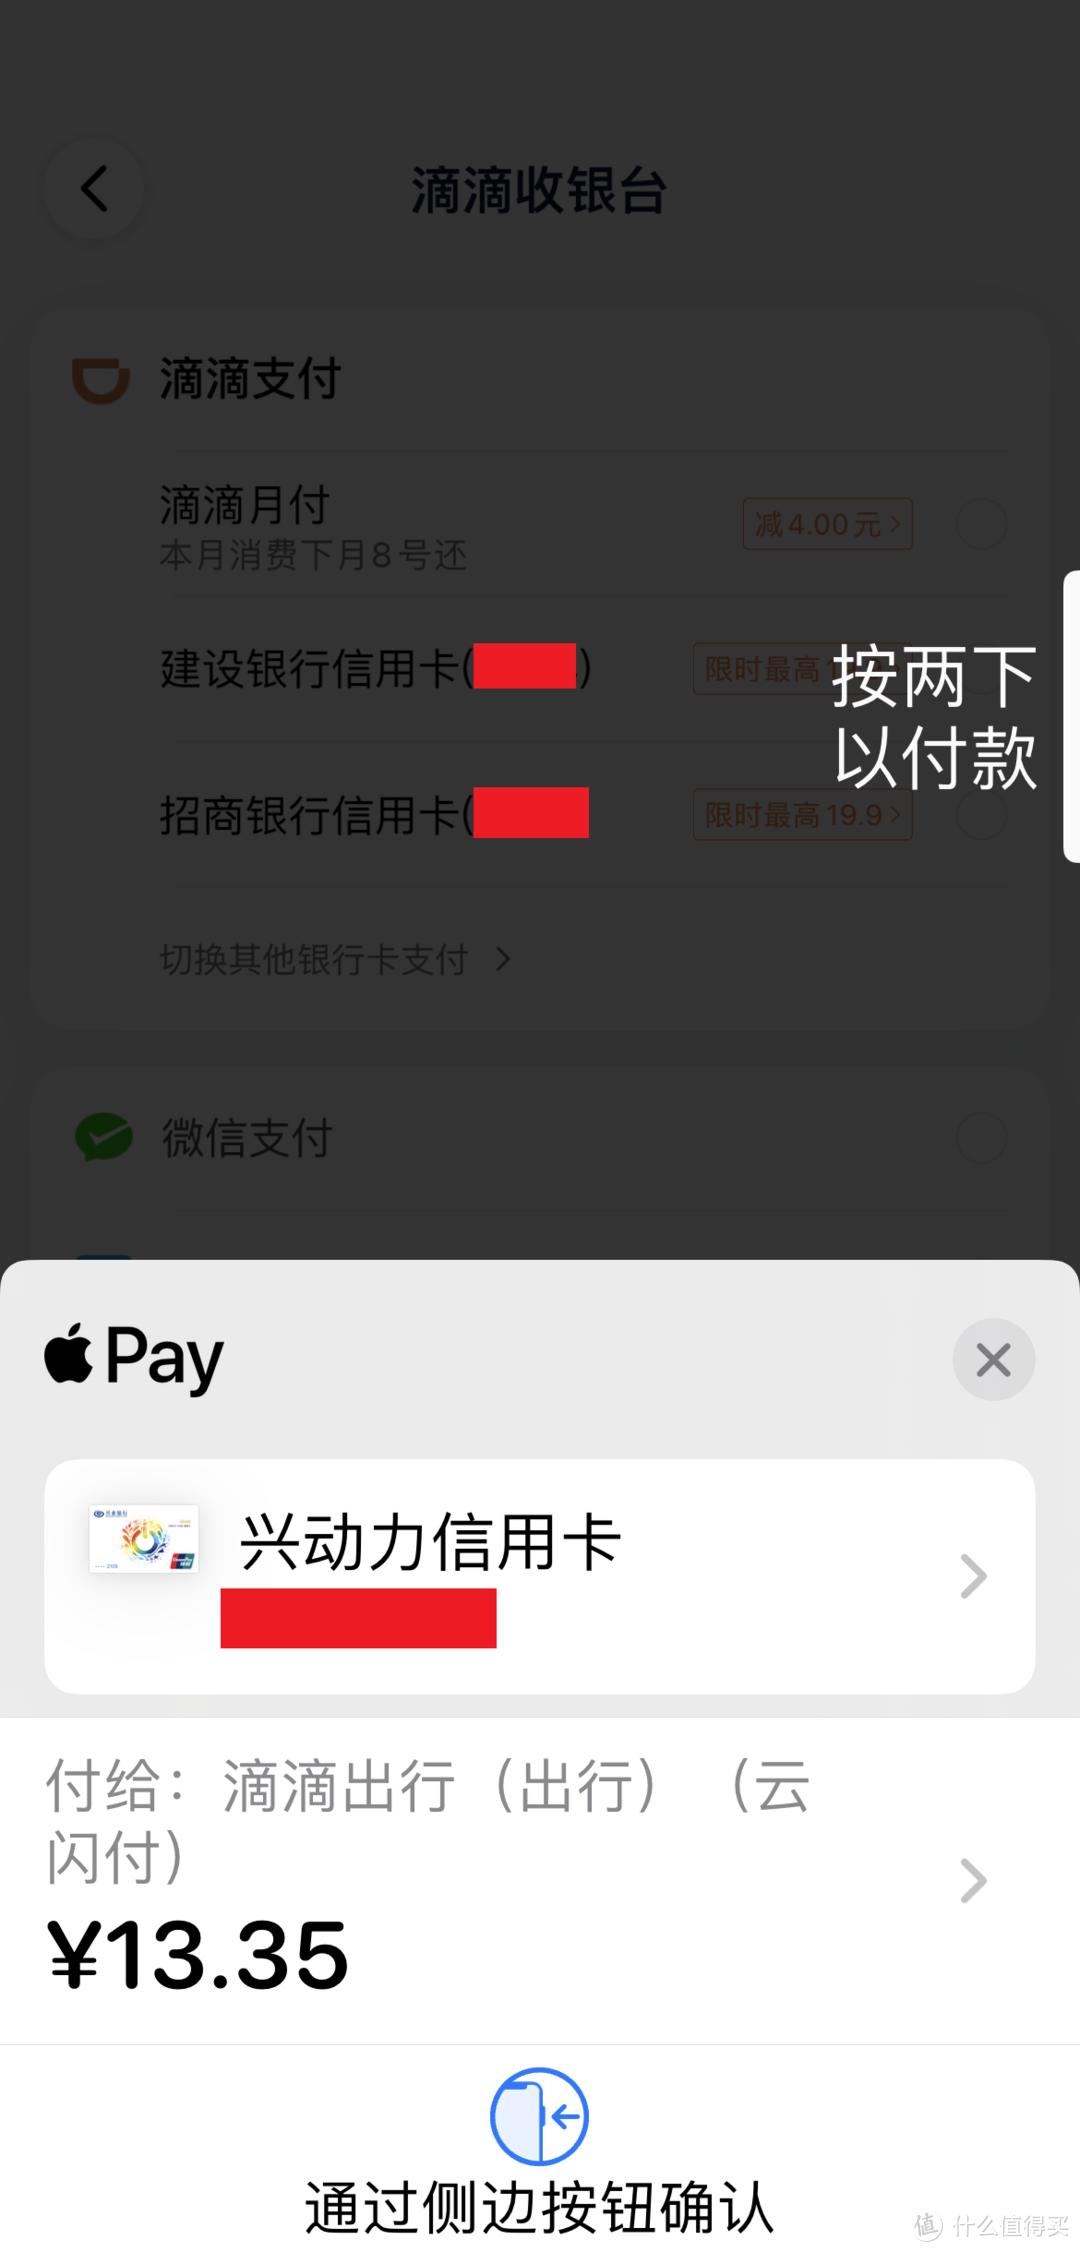 兴业+浦发+上海+东亚4大银行立减福利—银联手机闪付满10减5元优惠券手把手教程